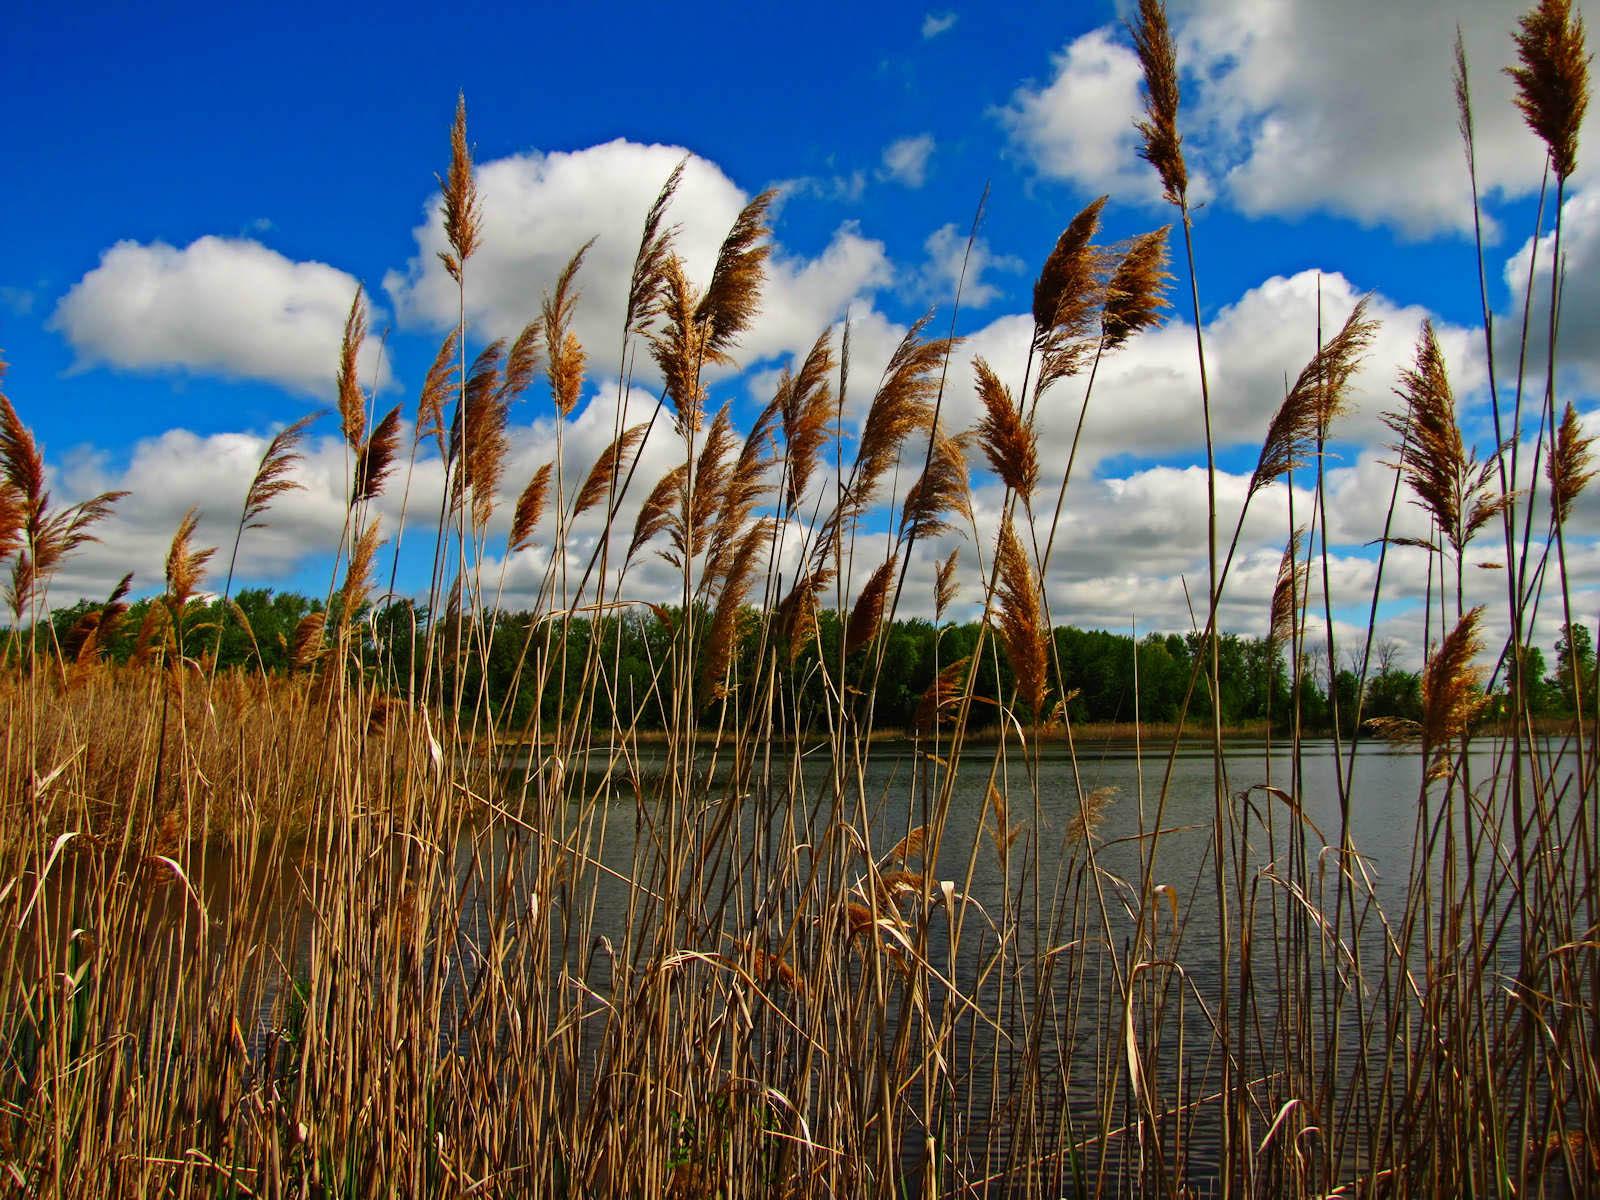 http://1.bp.blogspot.com/-1hrm5rxXFB0/UL4MIFcxBEI/AAAAAAAAOeU/bym35JBNpok/s1600/Tall+Grass+Wallpapers+11.jpg